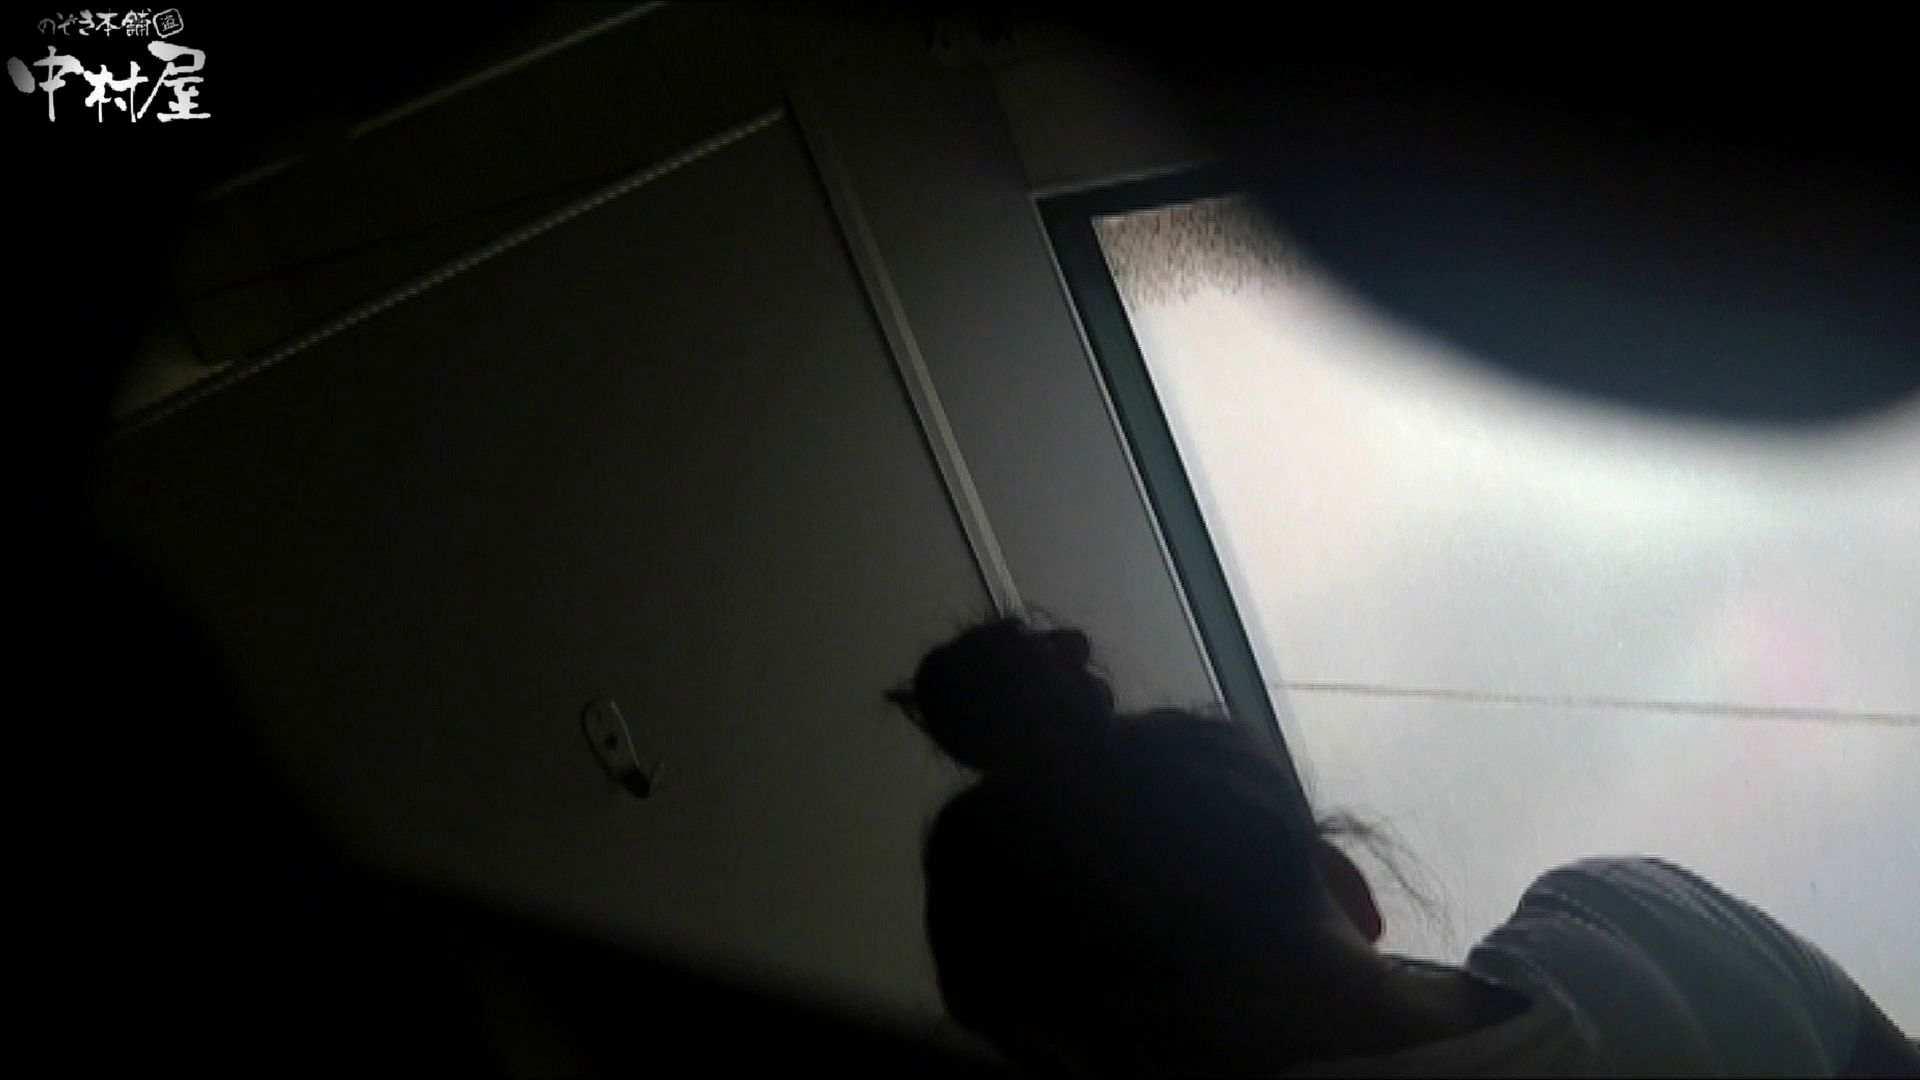 【世界の射窓から~ステーション編~】ステーション編 vol51 最後の女性は見どころです!!後編 OL  46pic 26